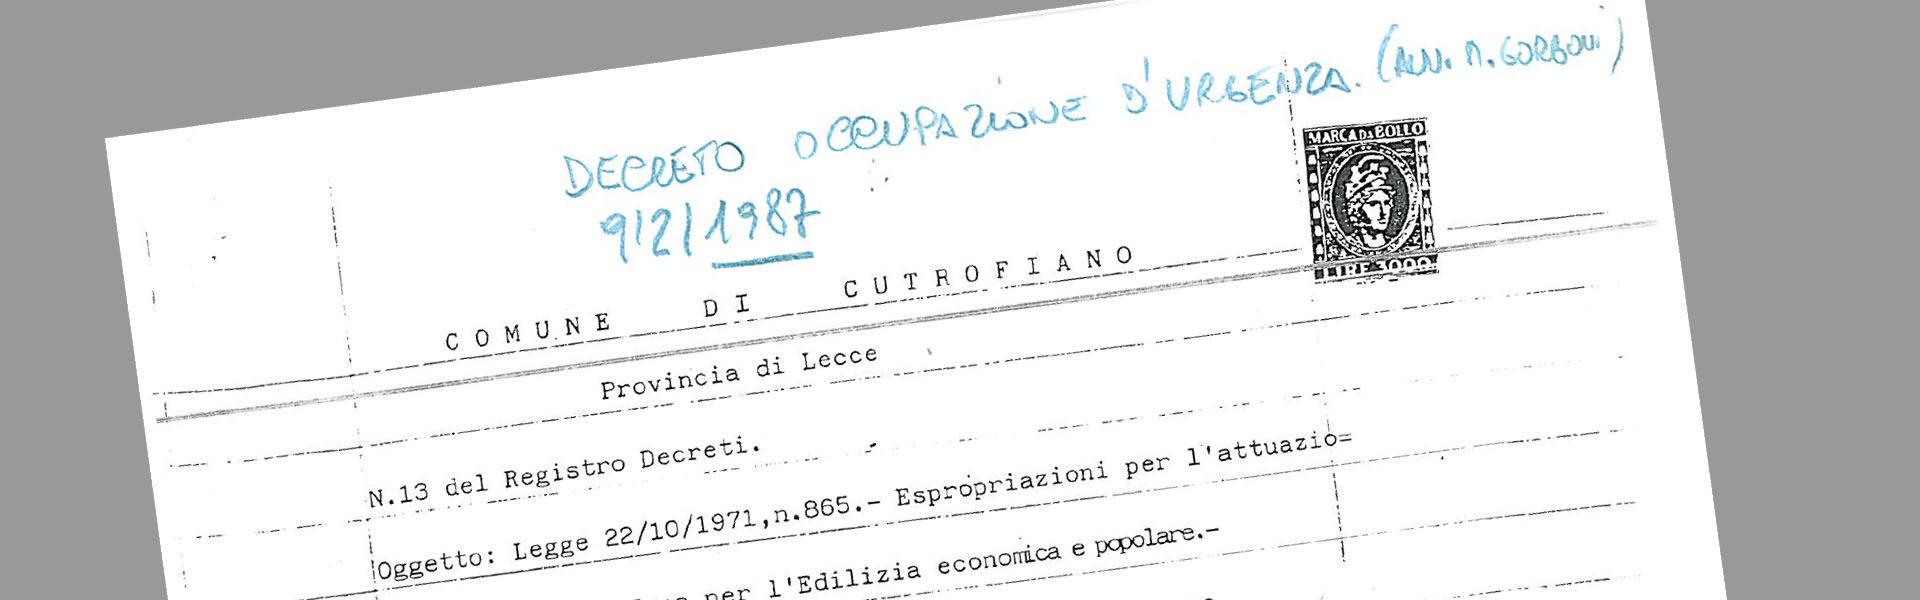 Ordinanza Sindacale del 1991, Decreto Occupazione d'urgenza